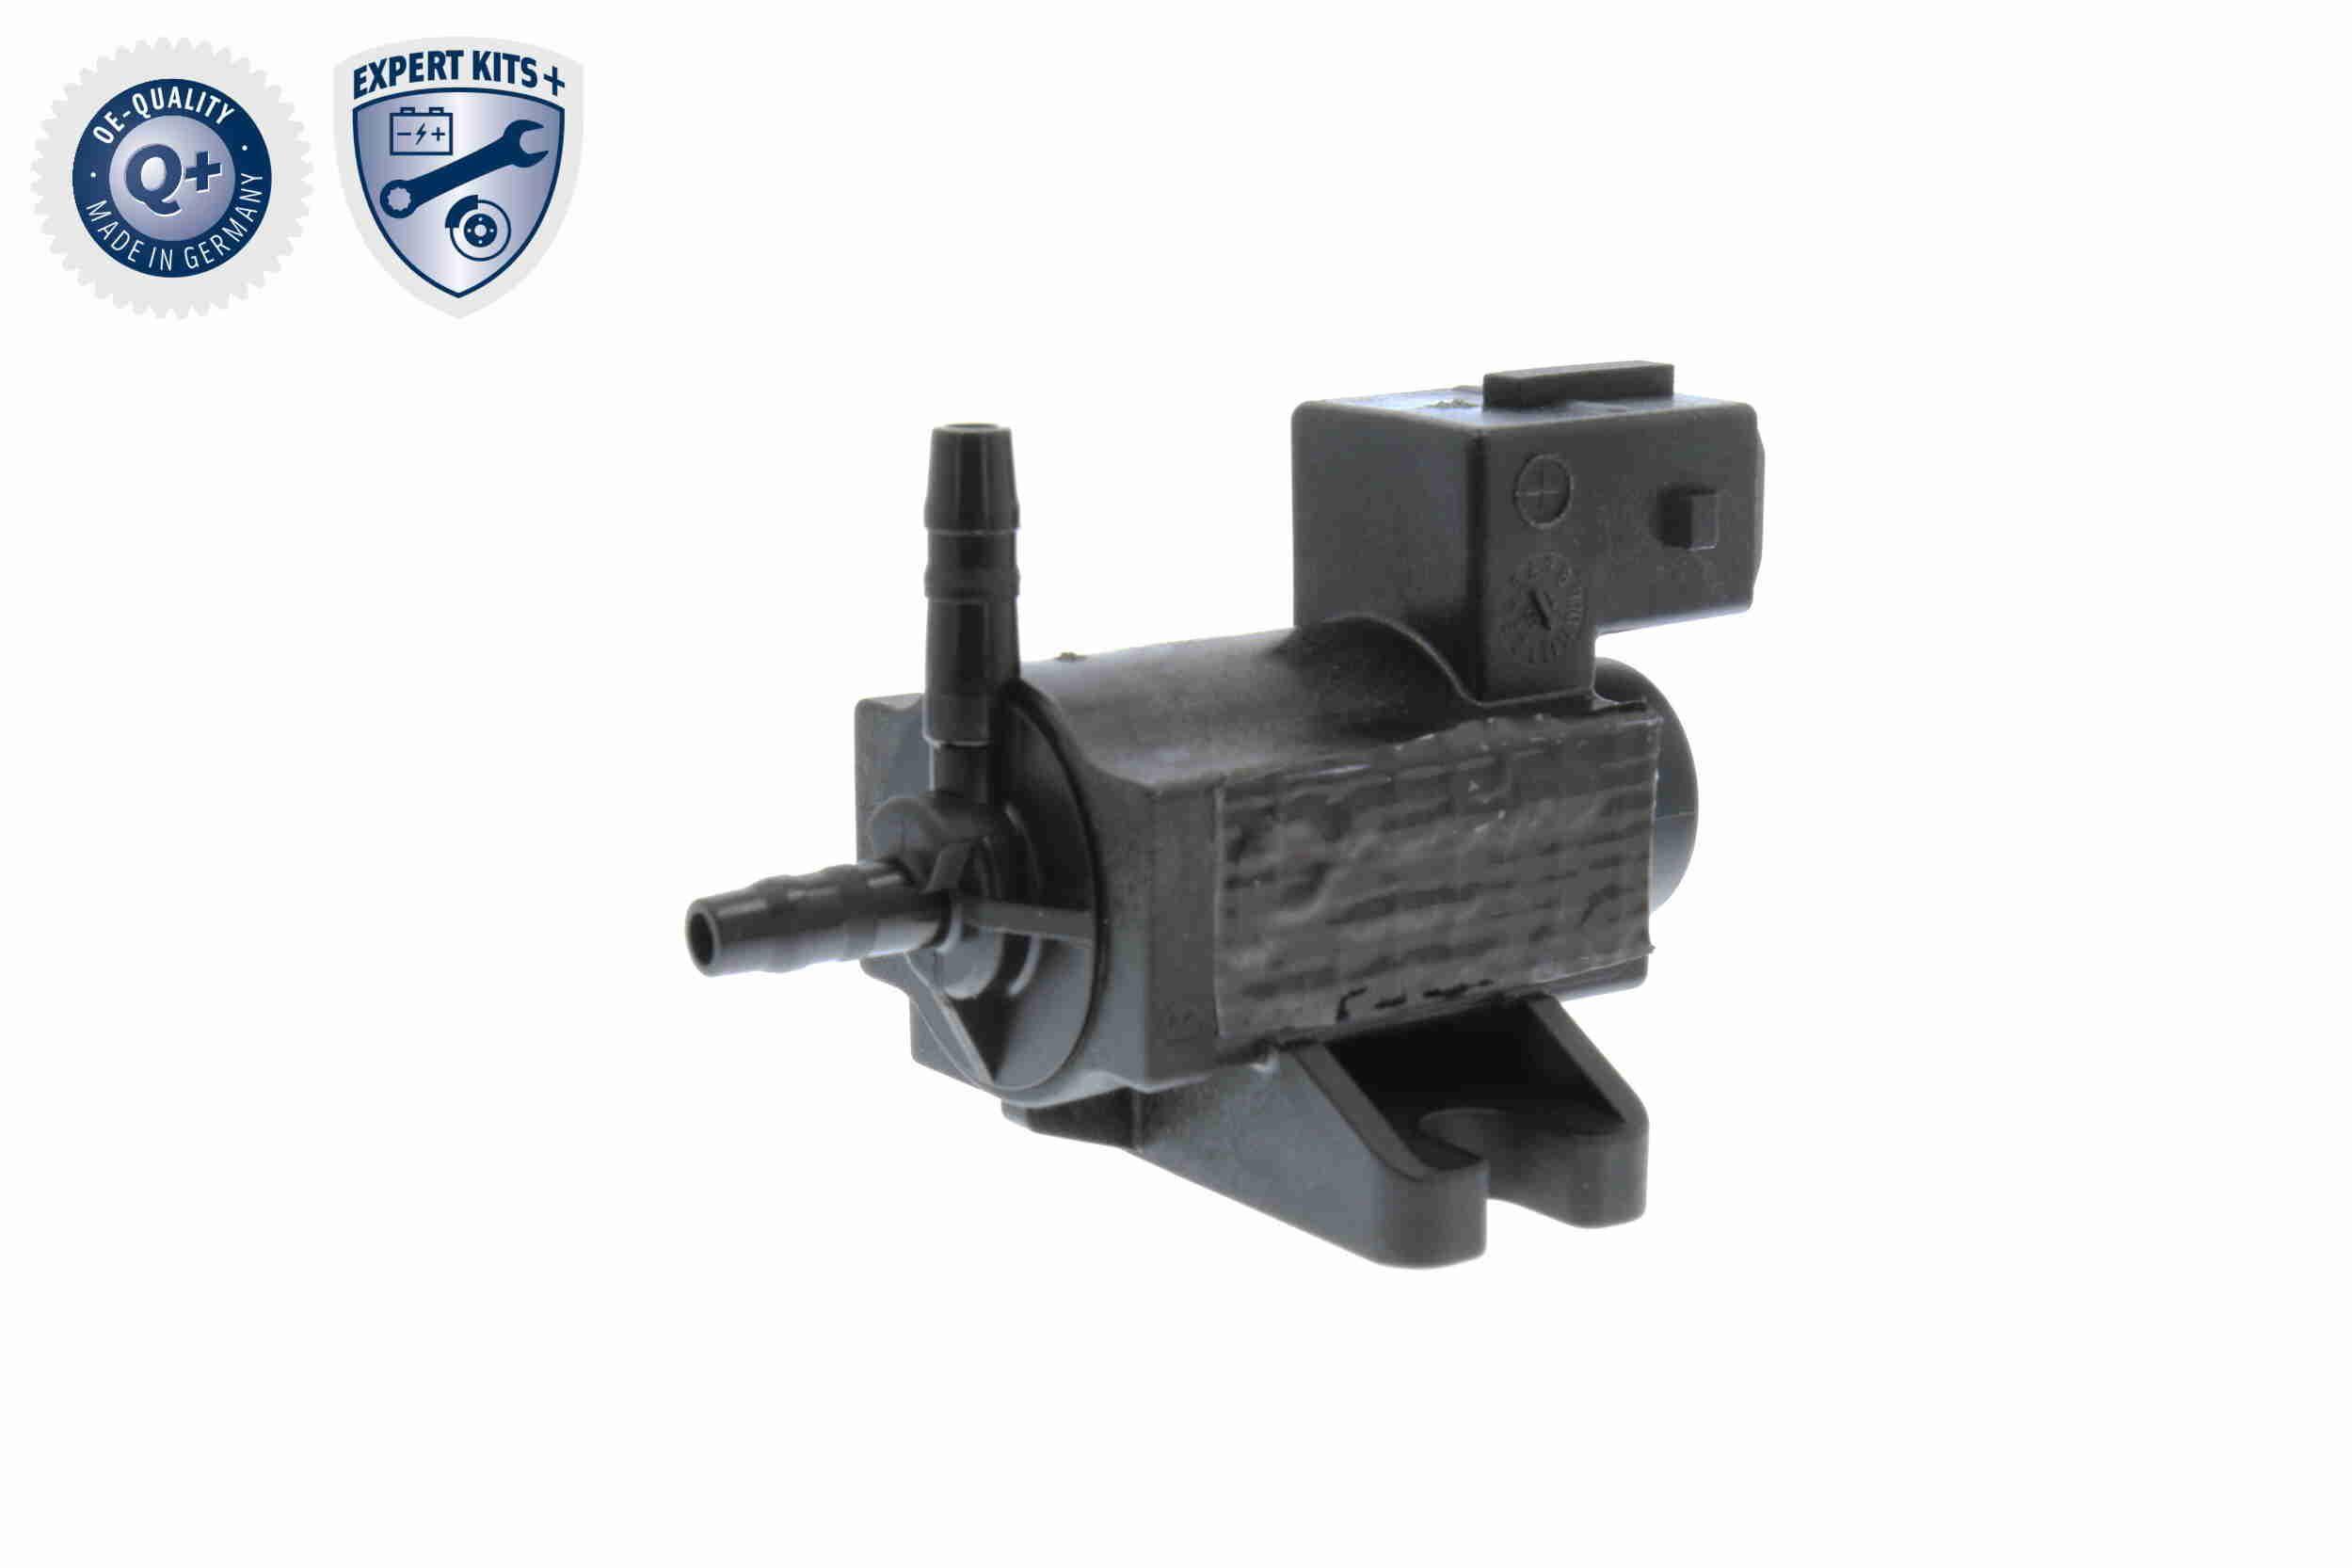 Ventil, AGR-Abgassteuerung V10-63-0013 VEMO V10-63-0013 in Original Qualität